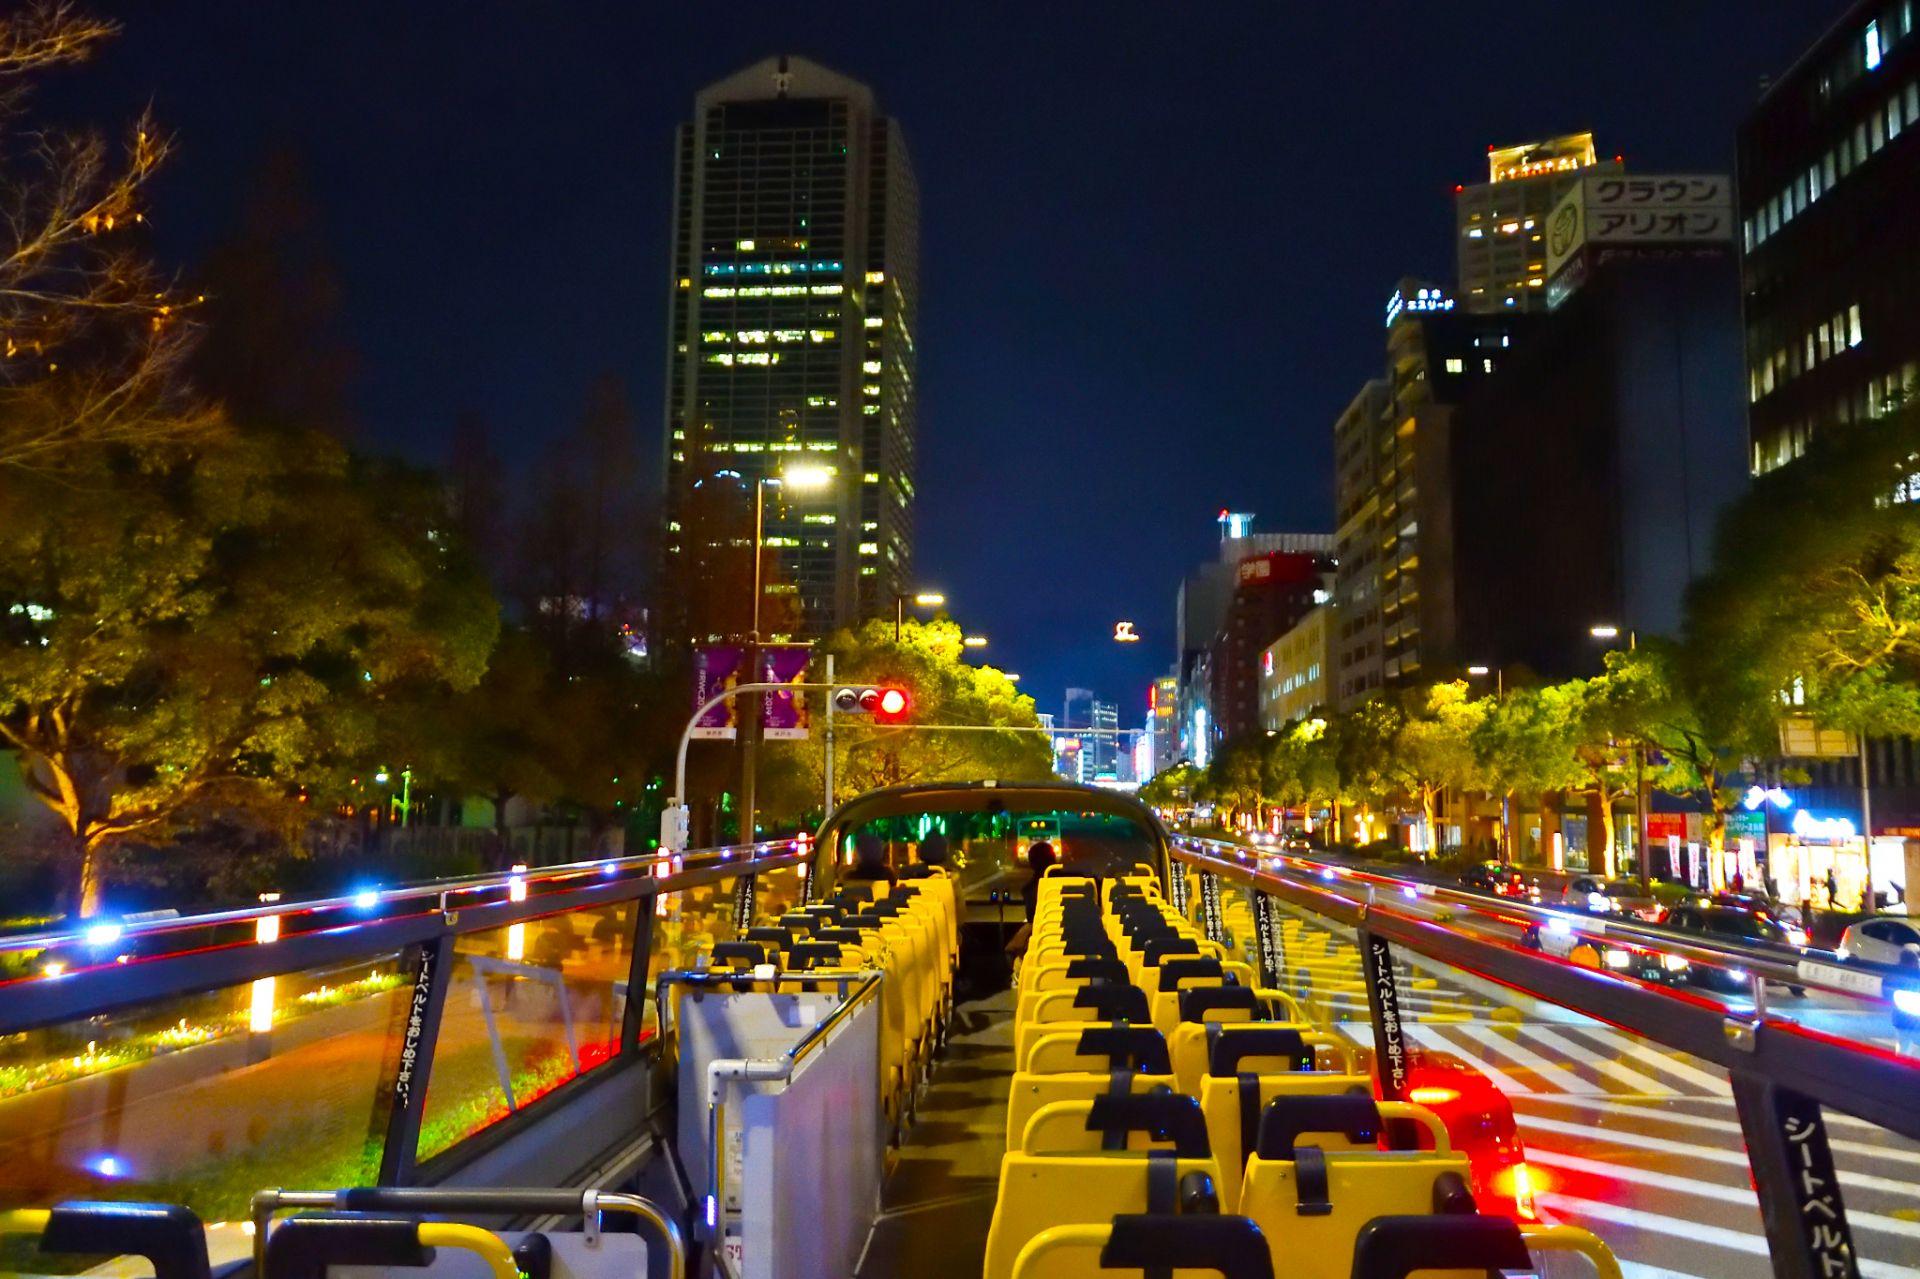 從露天巴士望去的神戶夜景非常浪漫